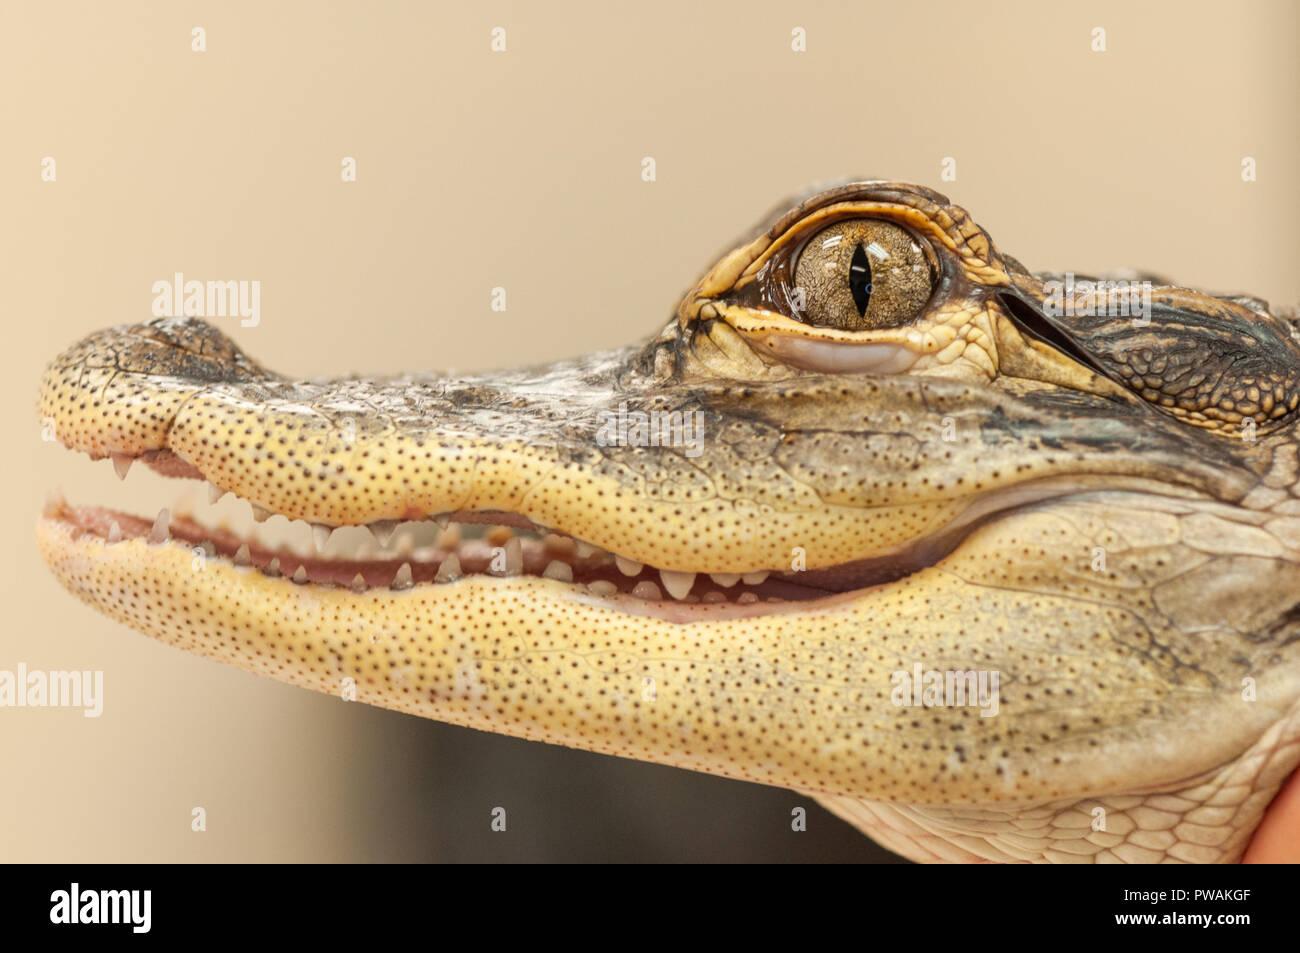 Gemeinsame Kaimane (Caiman crocodilus) Alligator Nahaufnahme von Mund und Auge Stockfoto